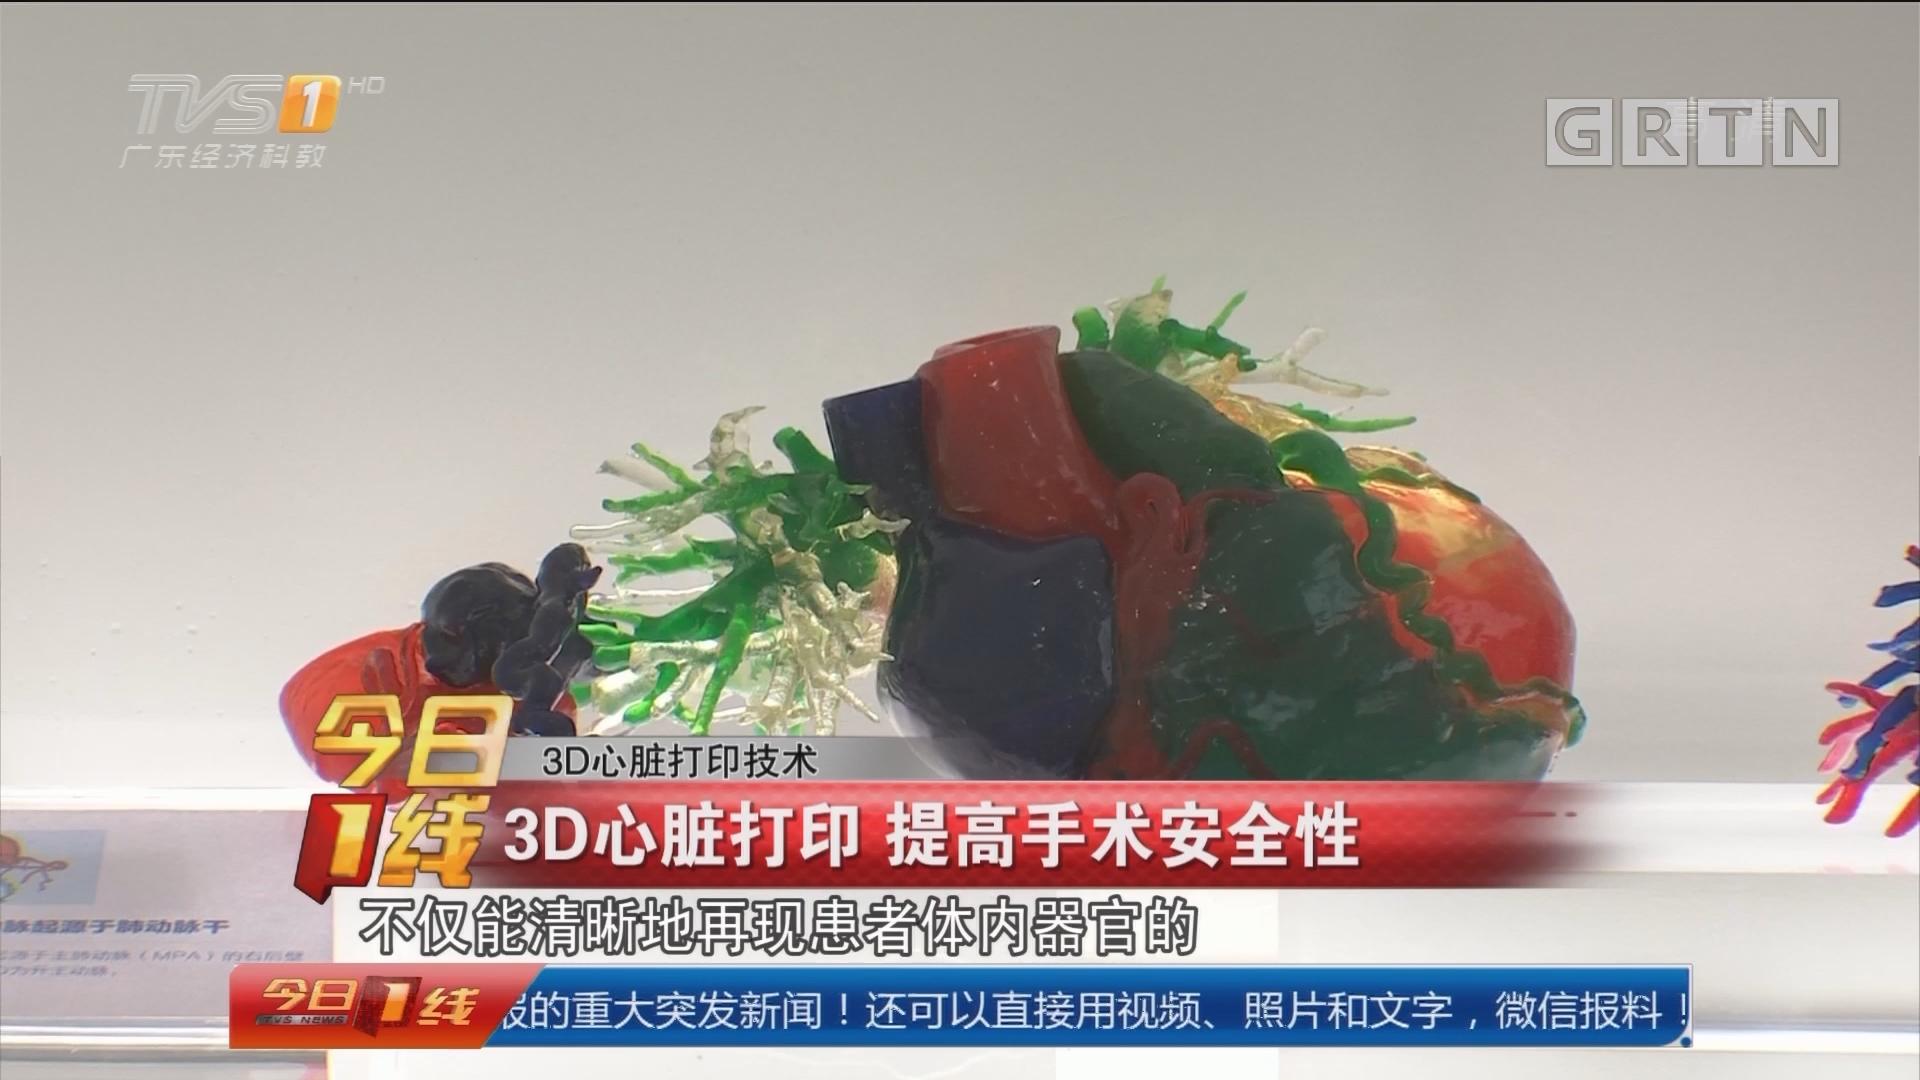 3D心脏打印技术:3D心脏打印 提高手术安全性